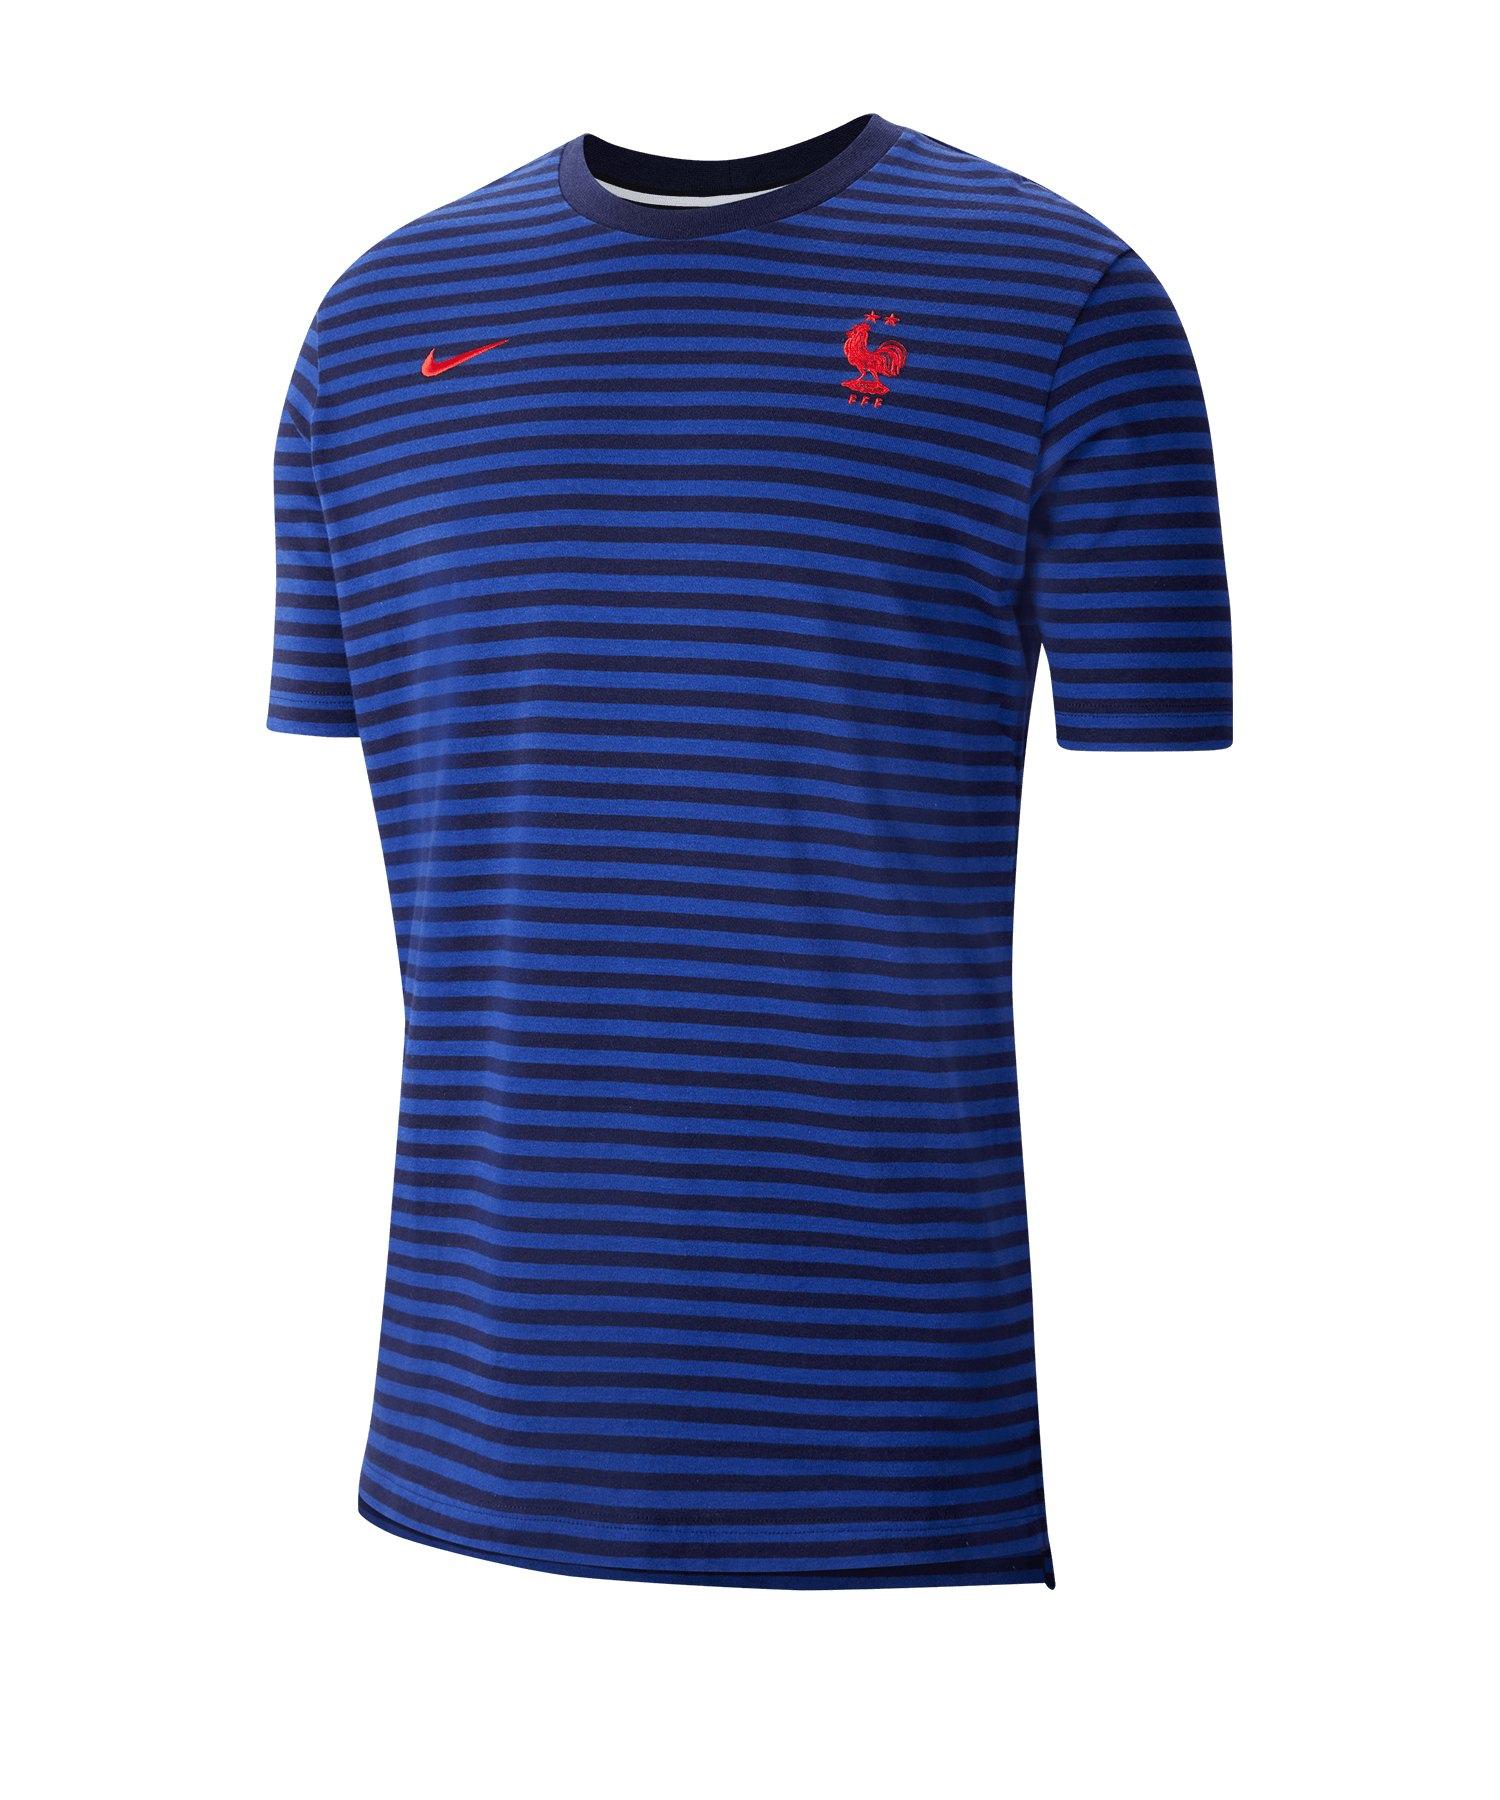 Nike Frankreich Nike Air Top T-Shirt Blau F498 - blau